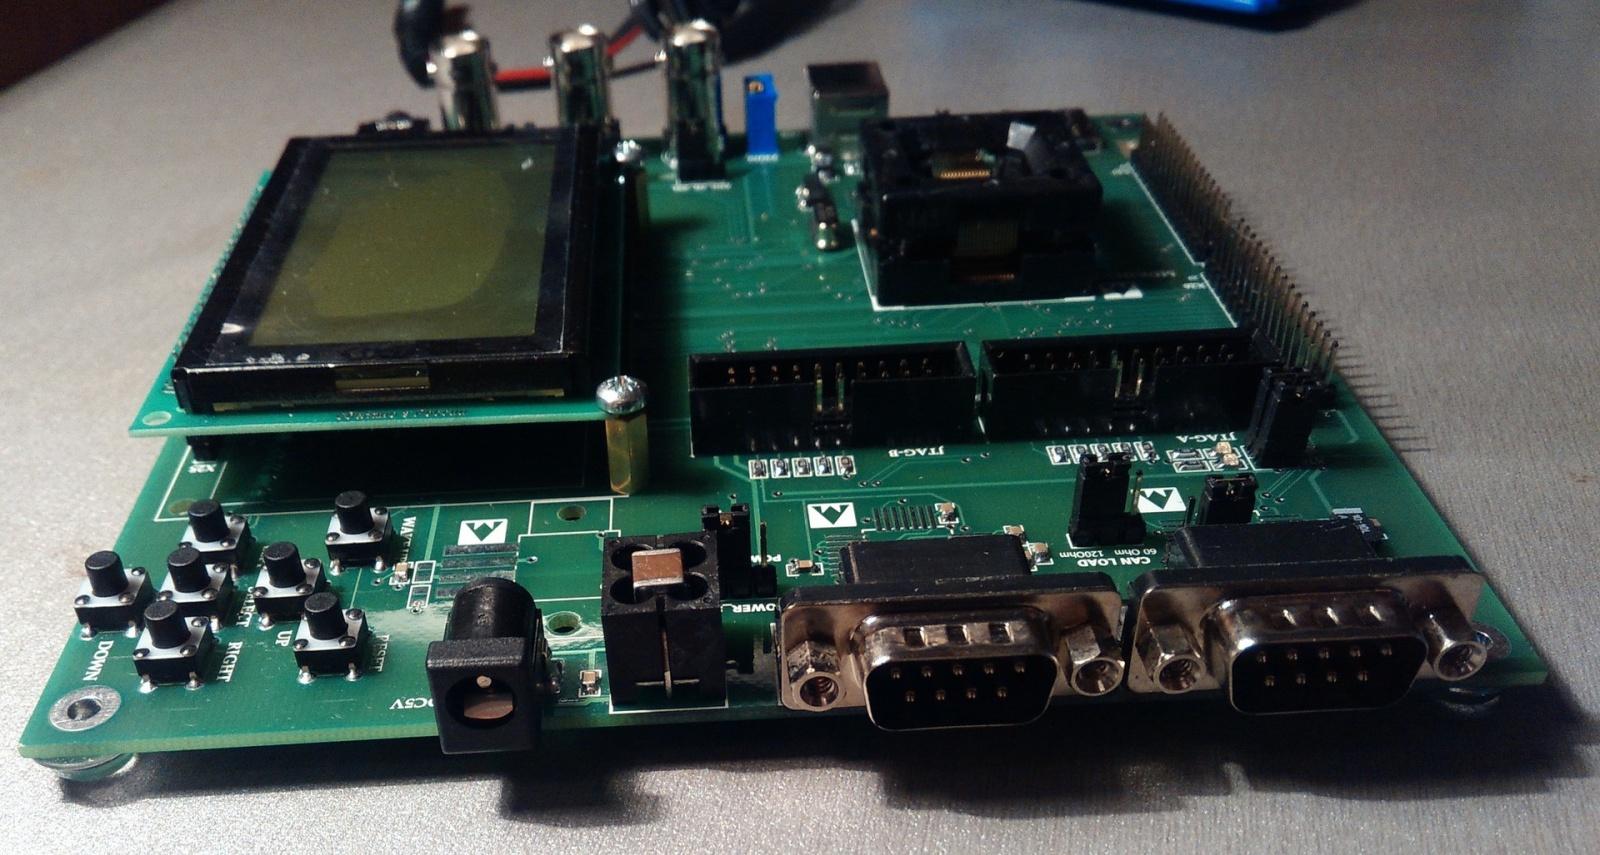 Переходим с STM32F103 на К1986ВЕ92QI. Или первое знакомство с российским микроконтроллером - 14